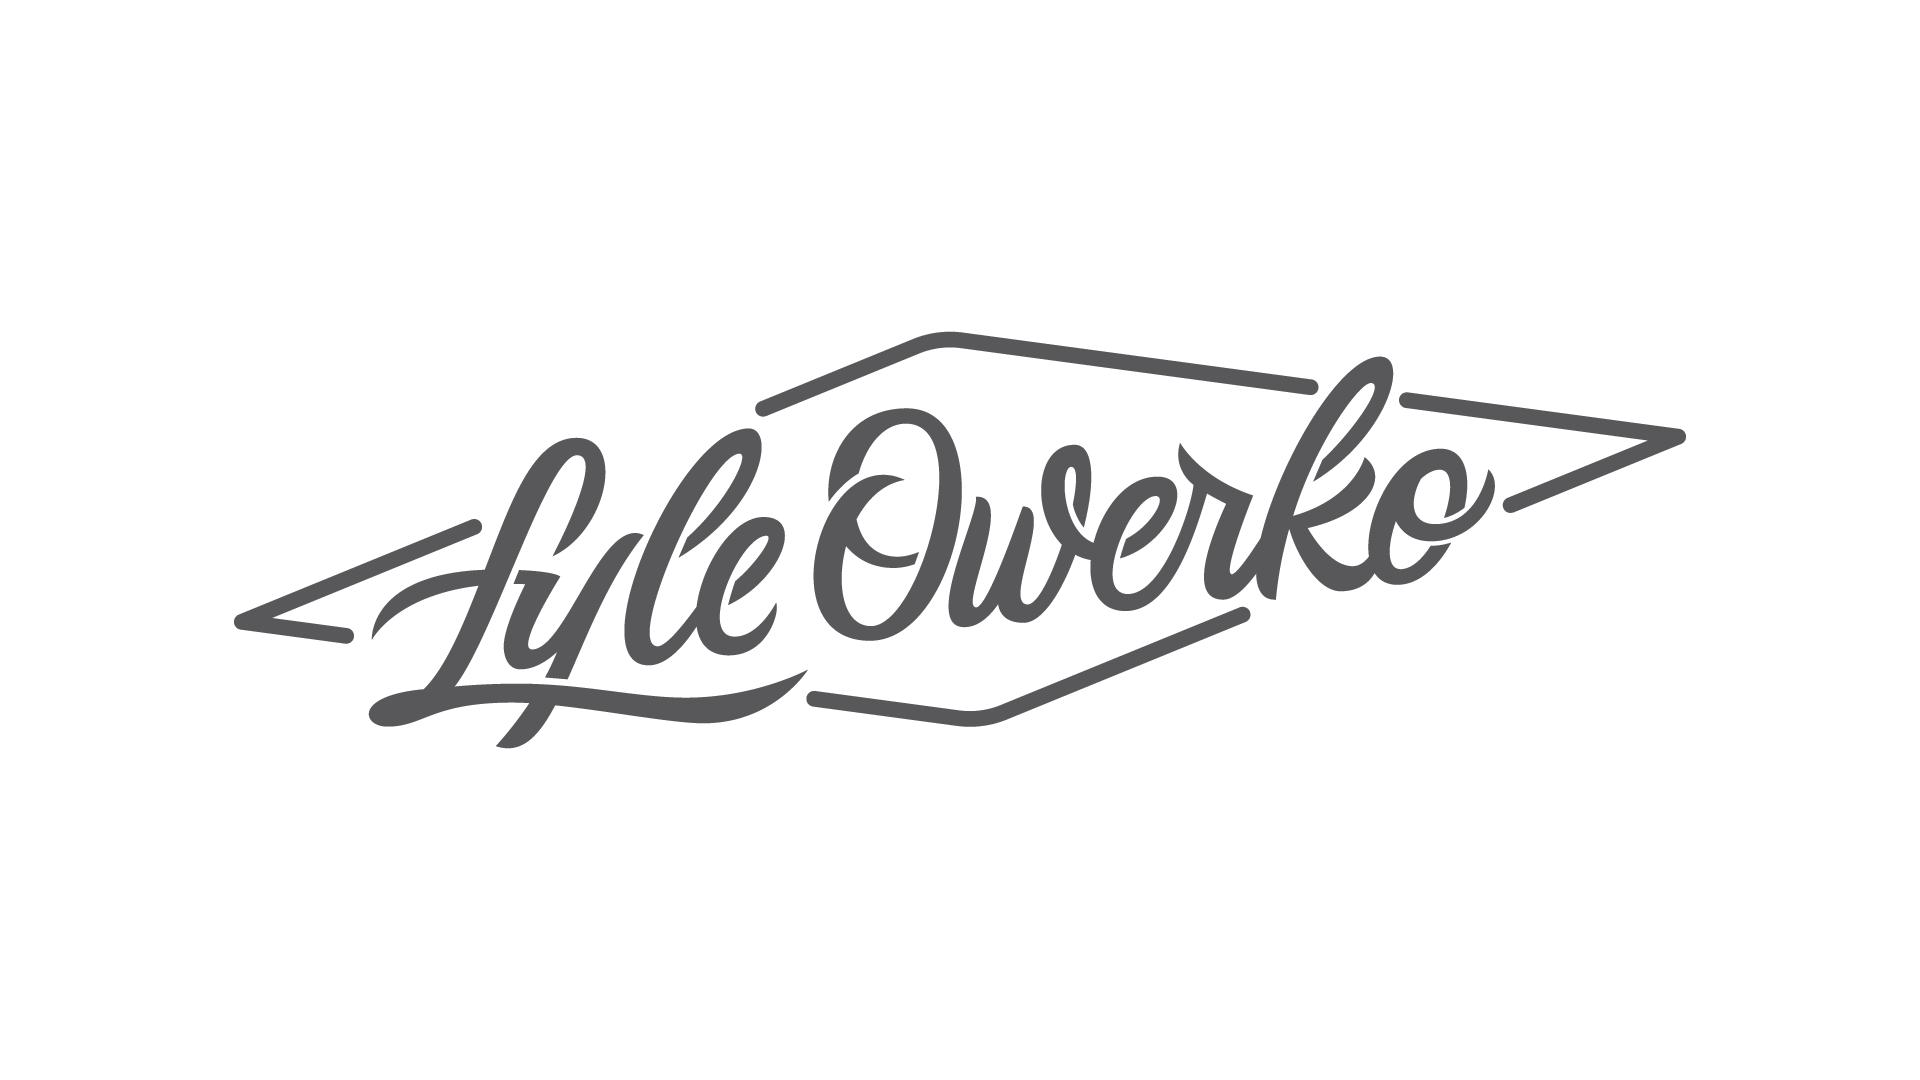 lyle_owerko_logo_stencil.png